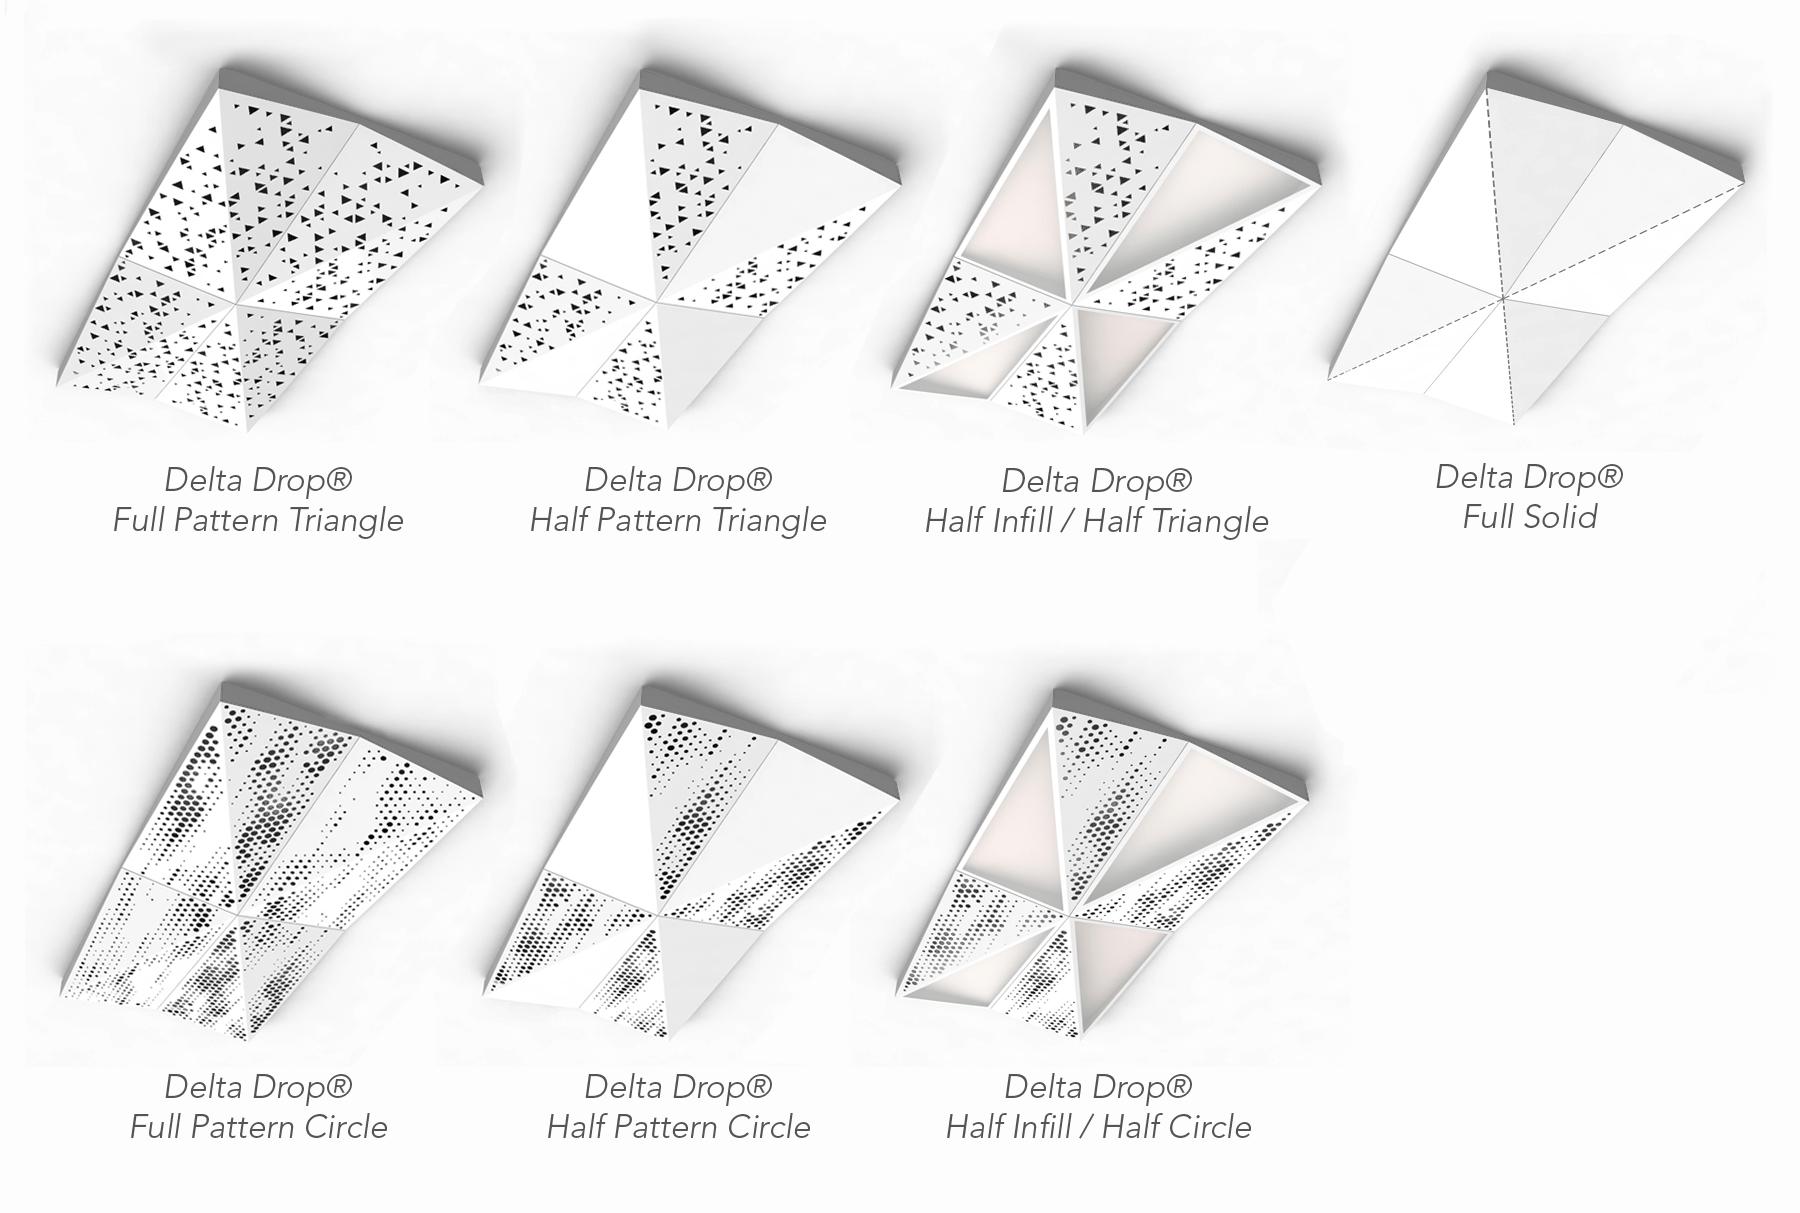 Delta Drop® selections